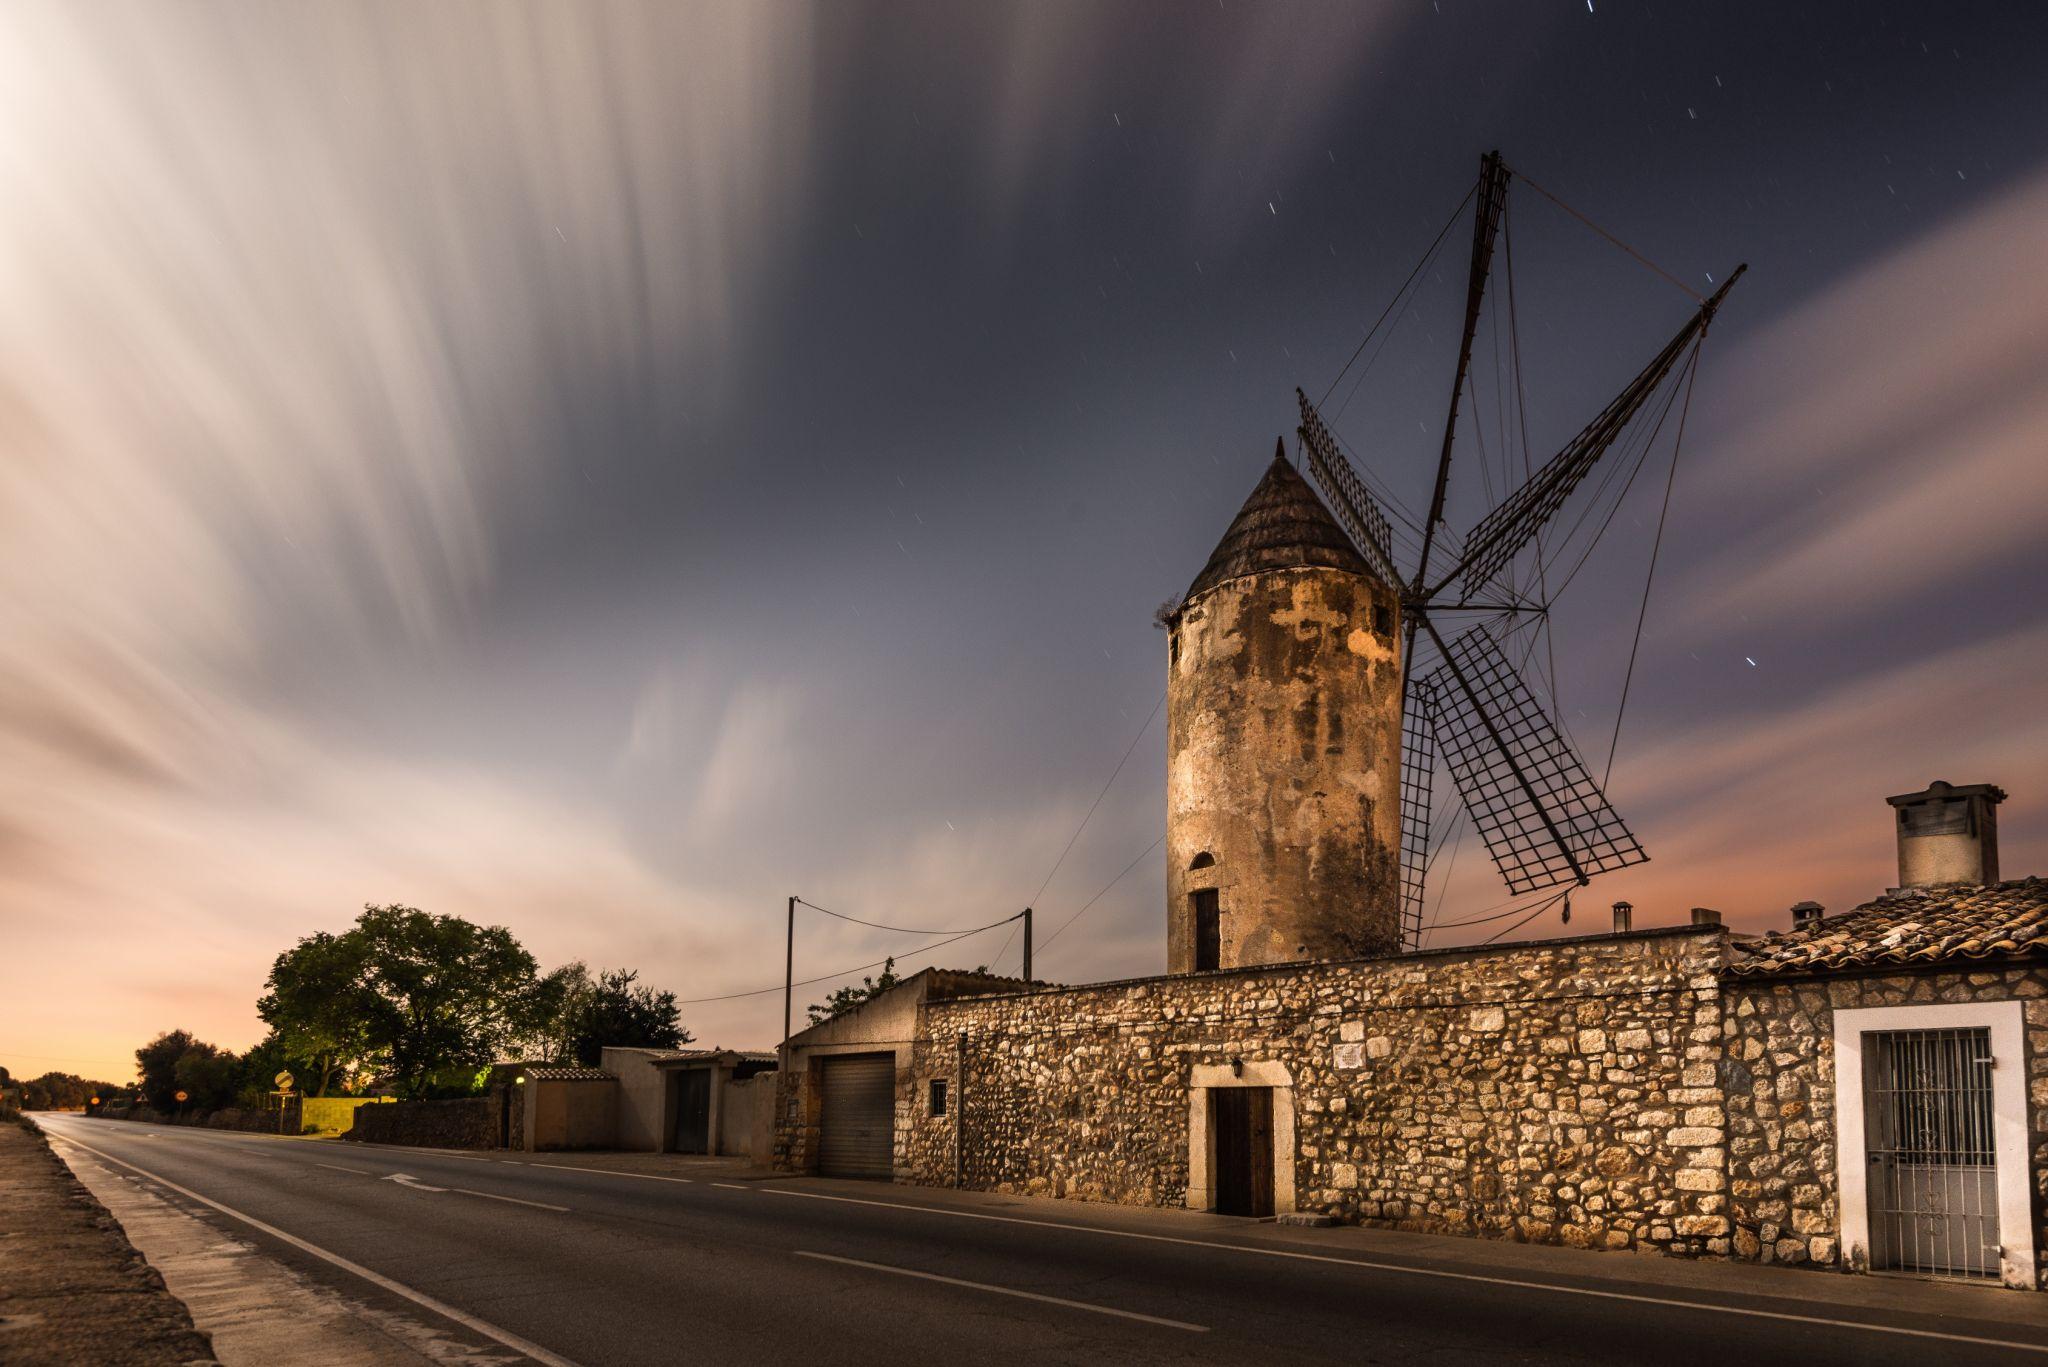 Windmill, Spain